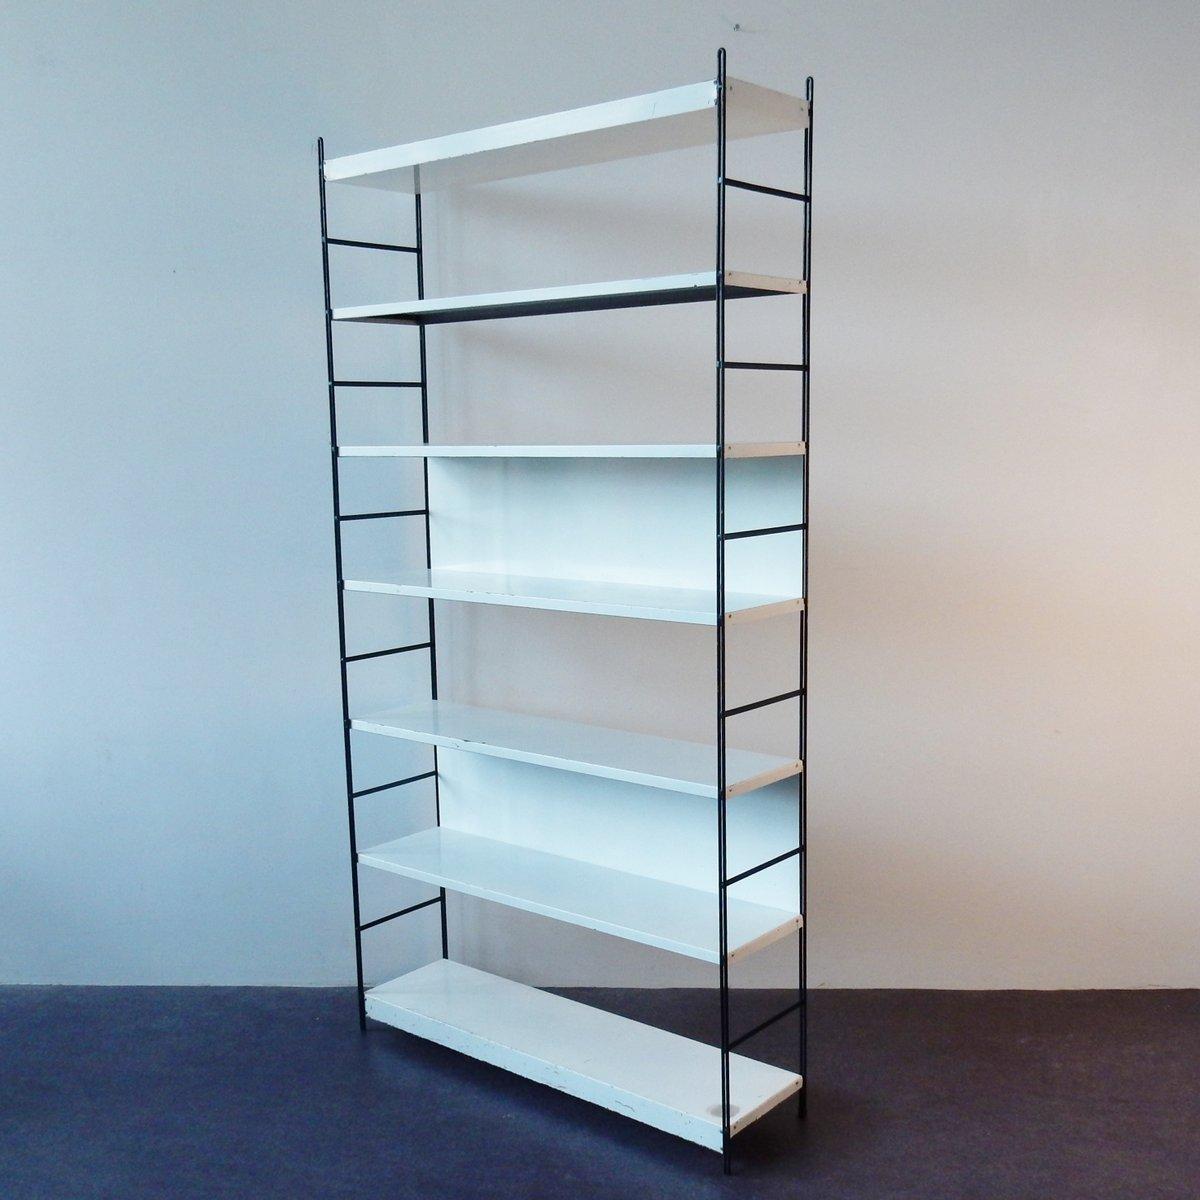 niederl ndisches b cherregal aus metall in schwarz wei 1960er bei pamono kaufen. Black Bedroom Furniture Sets. Home Design Ideas